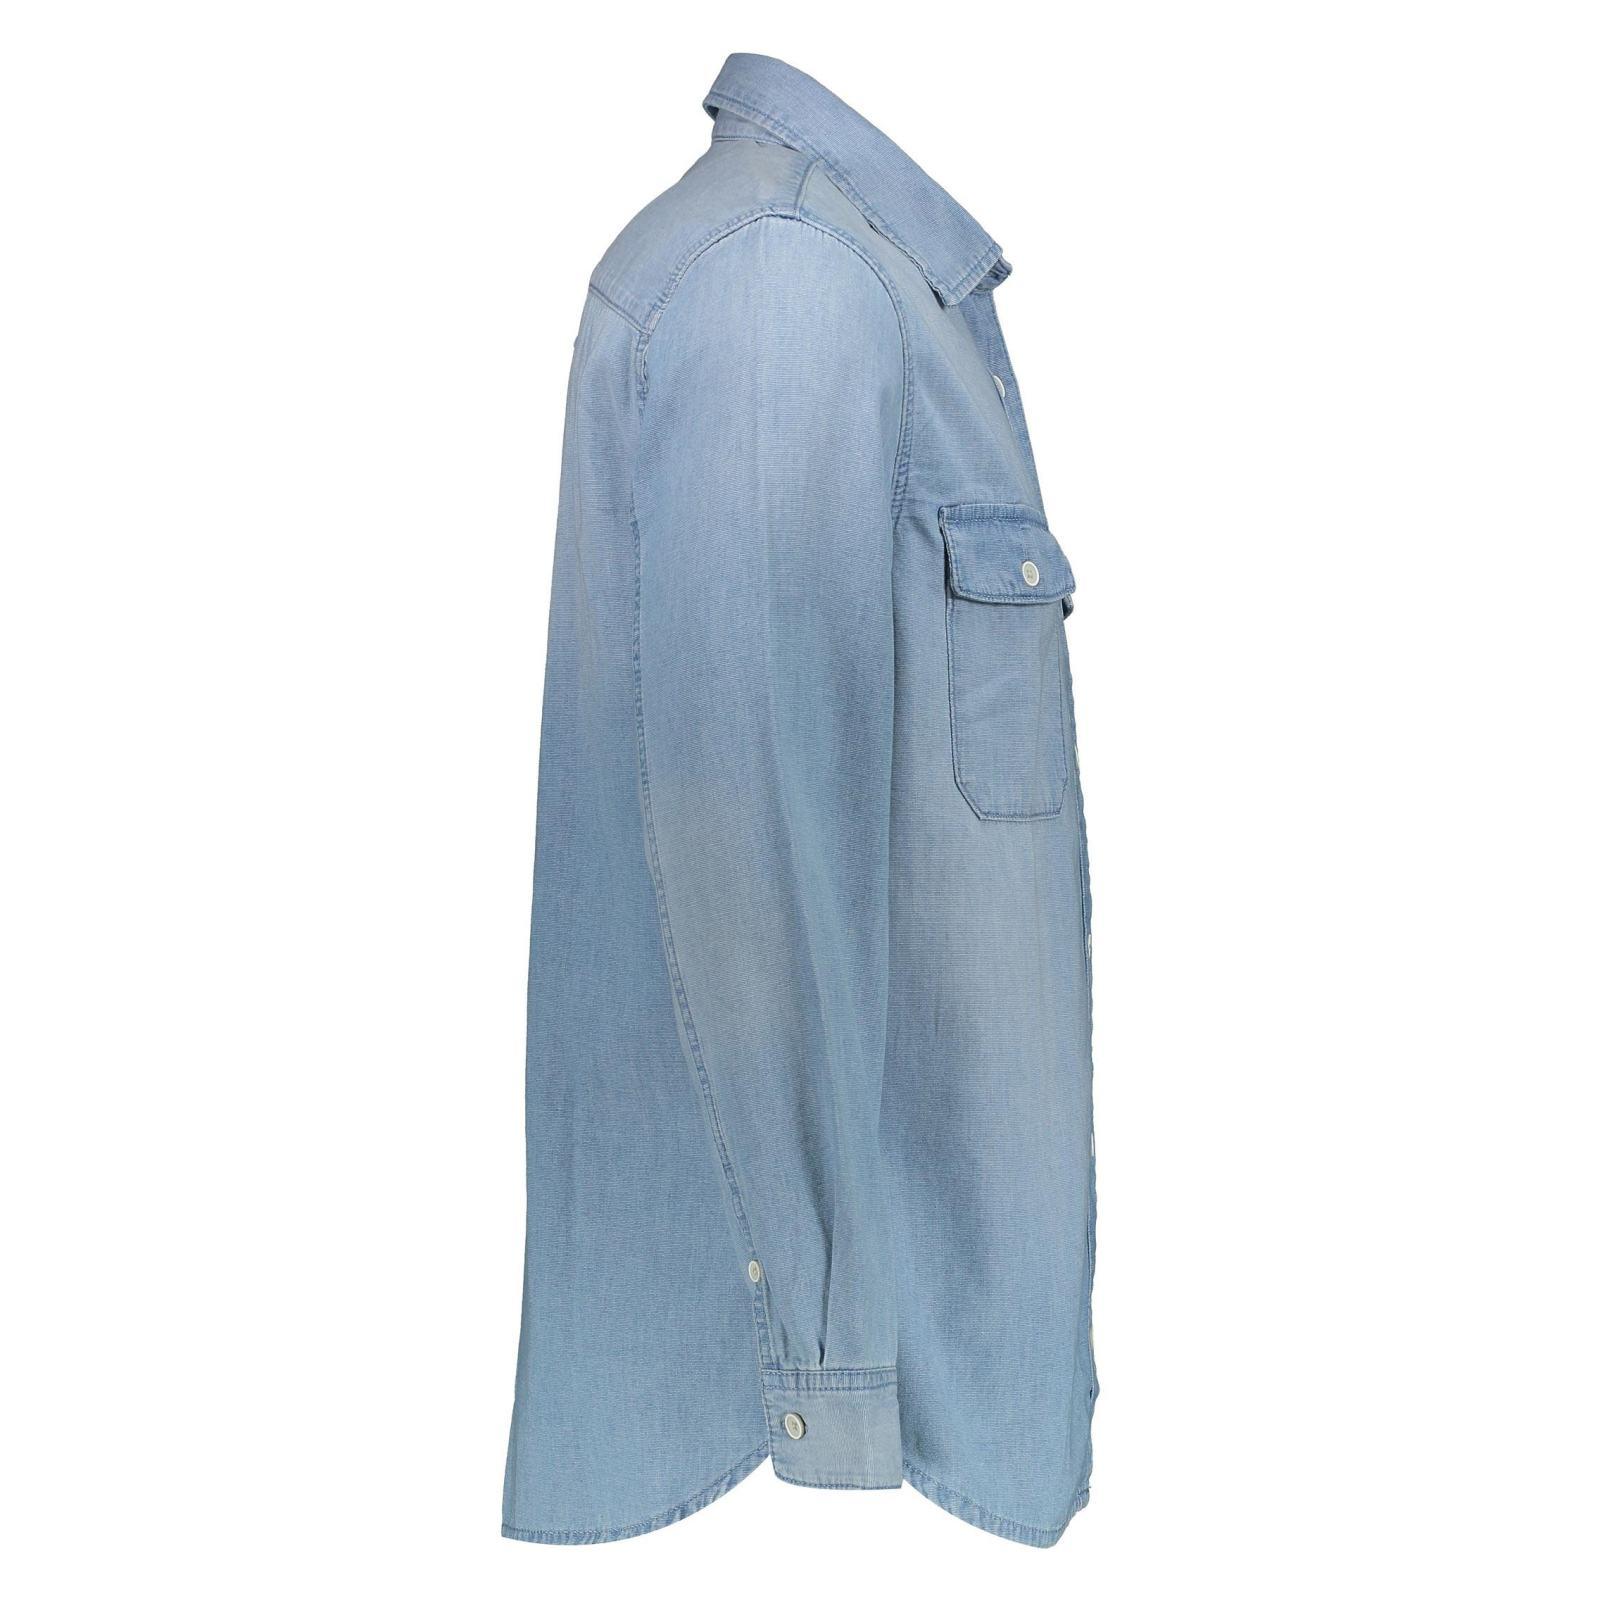 پیراهن جین آستین بلند مردانه - مانگو - آبي - 3